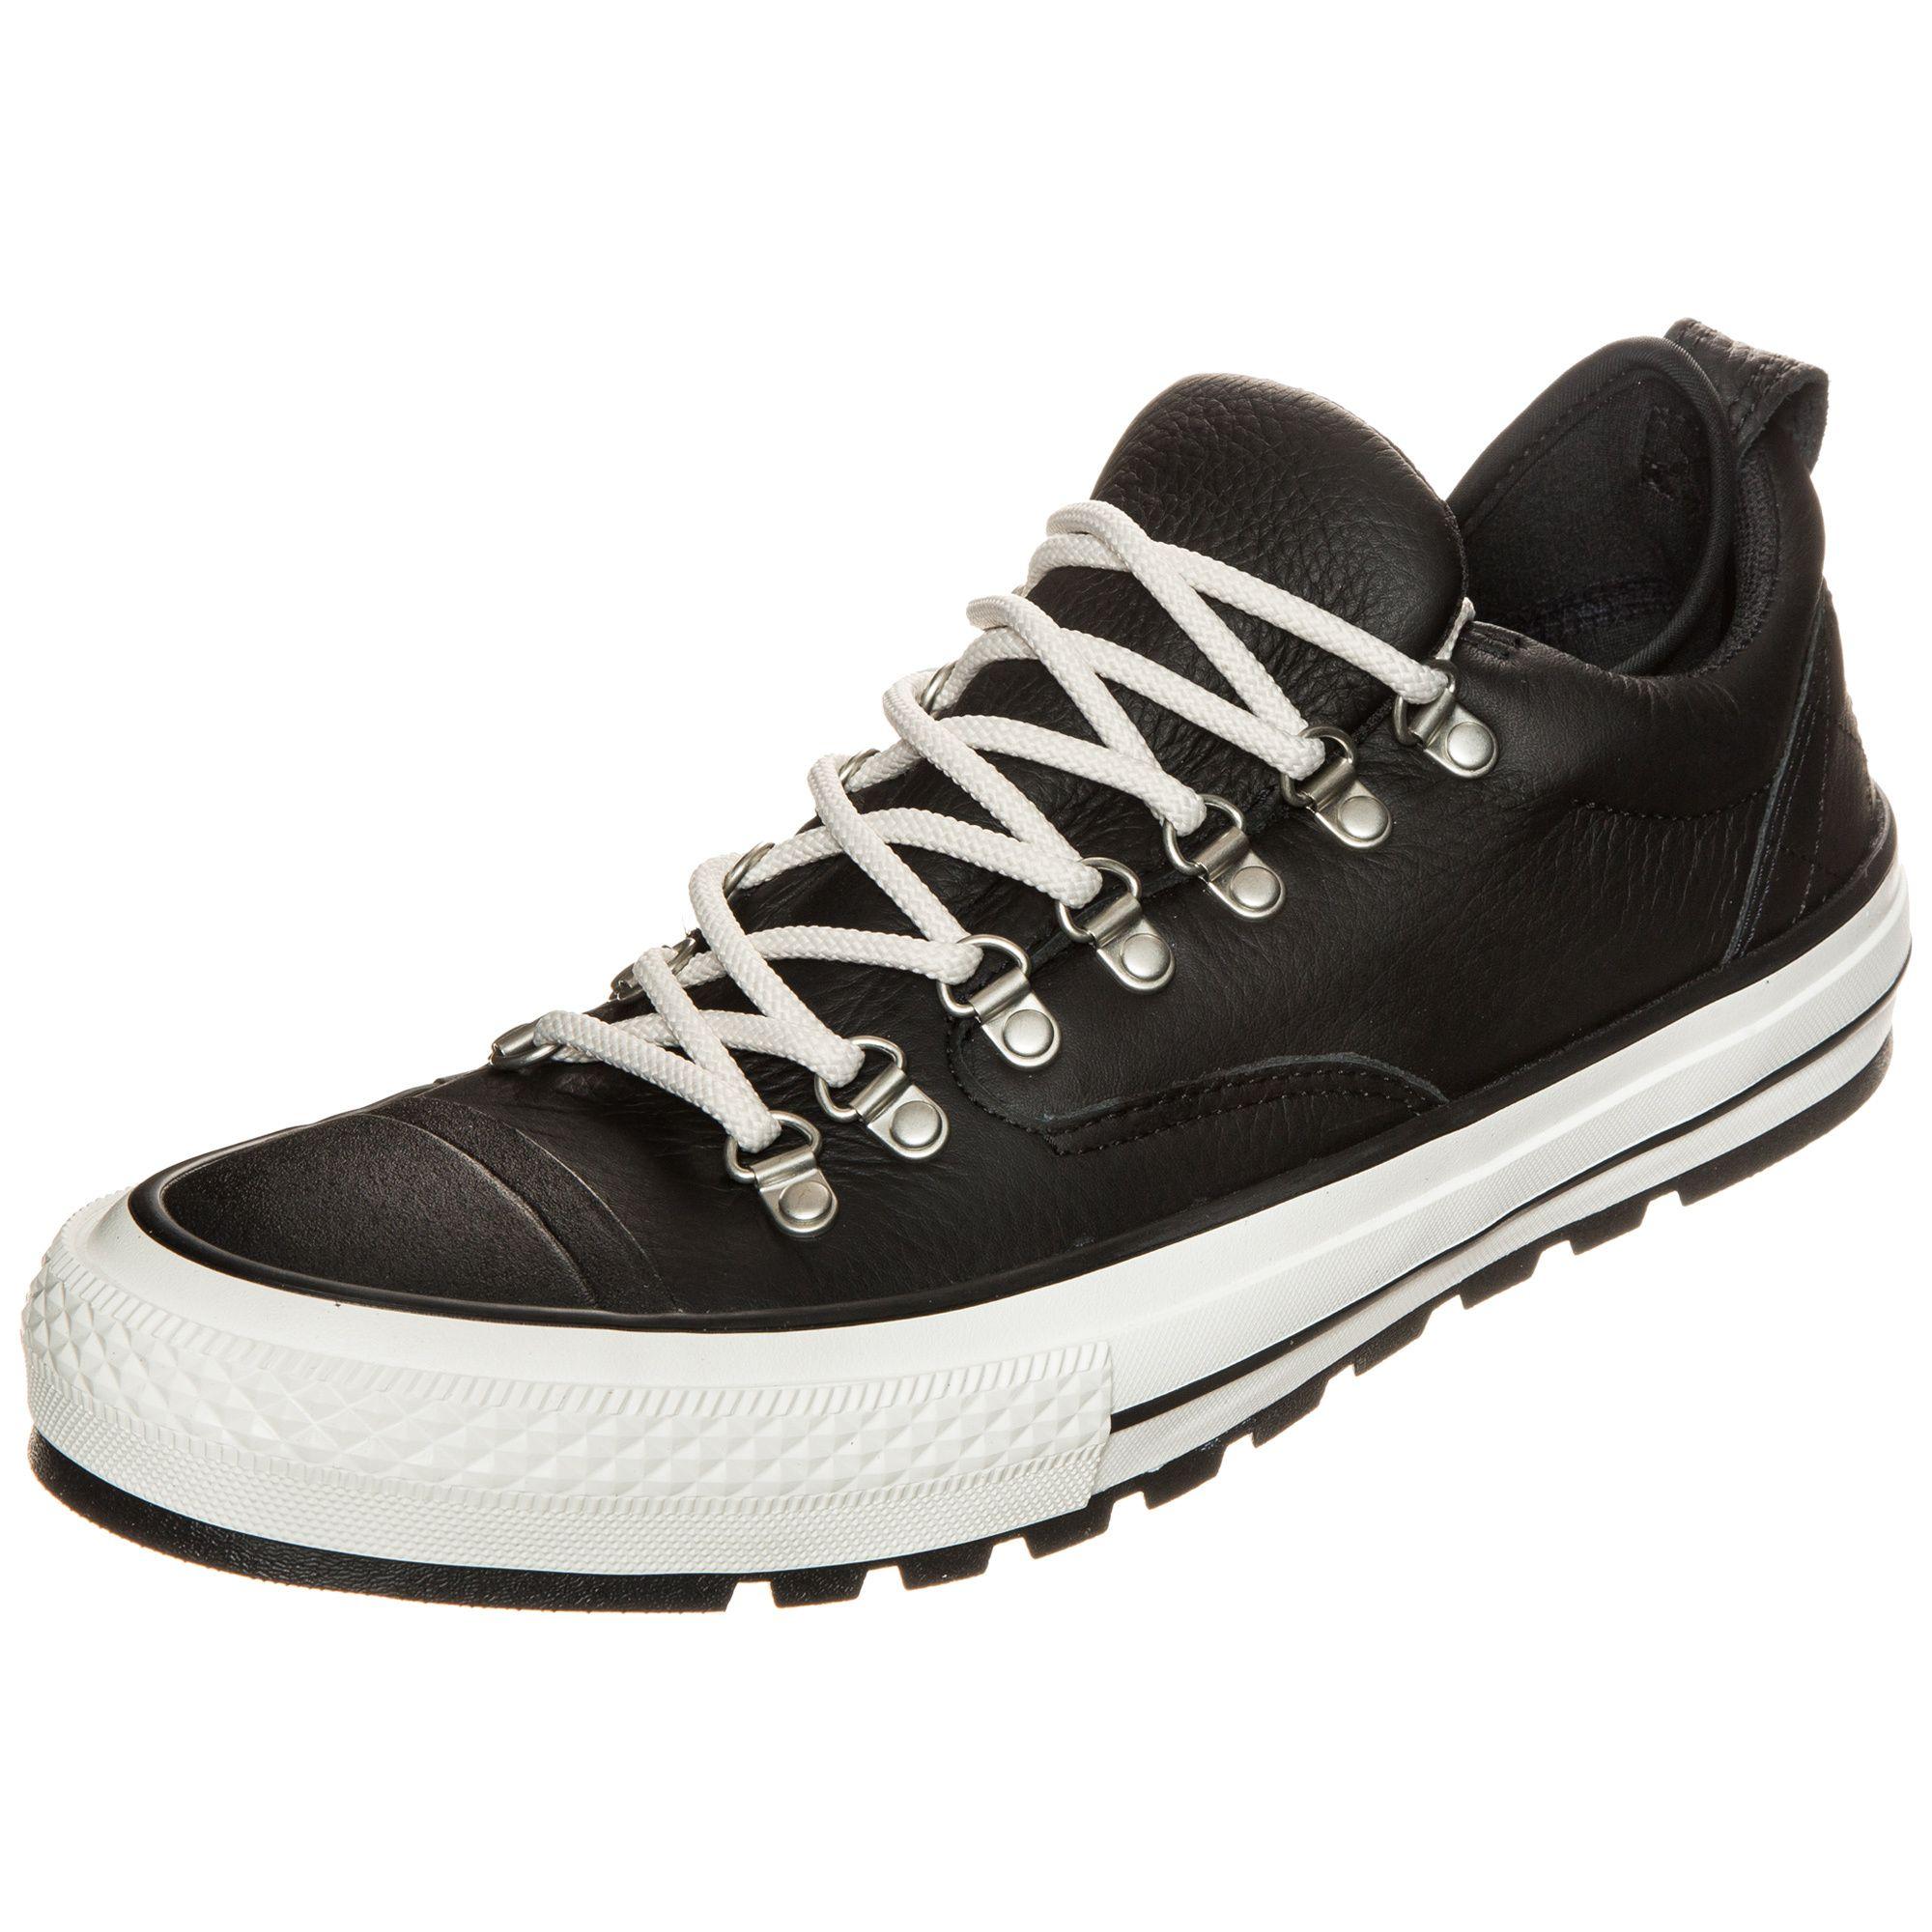 CONVERSE Converse Chuck Taylor All Star Descent OX Sneaker Herren